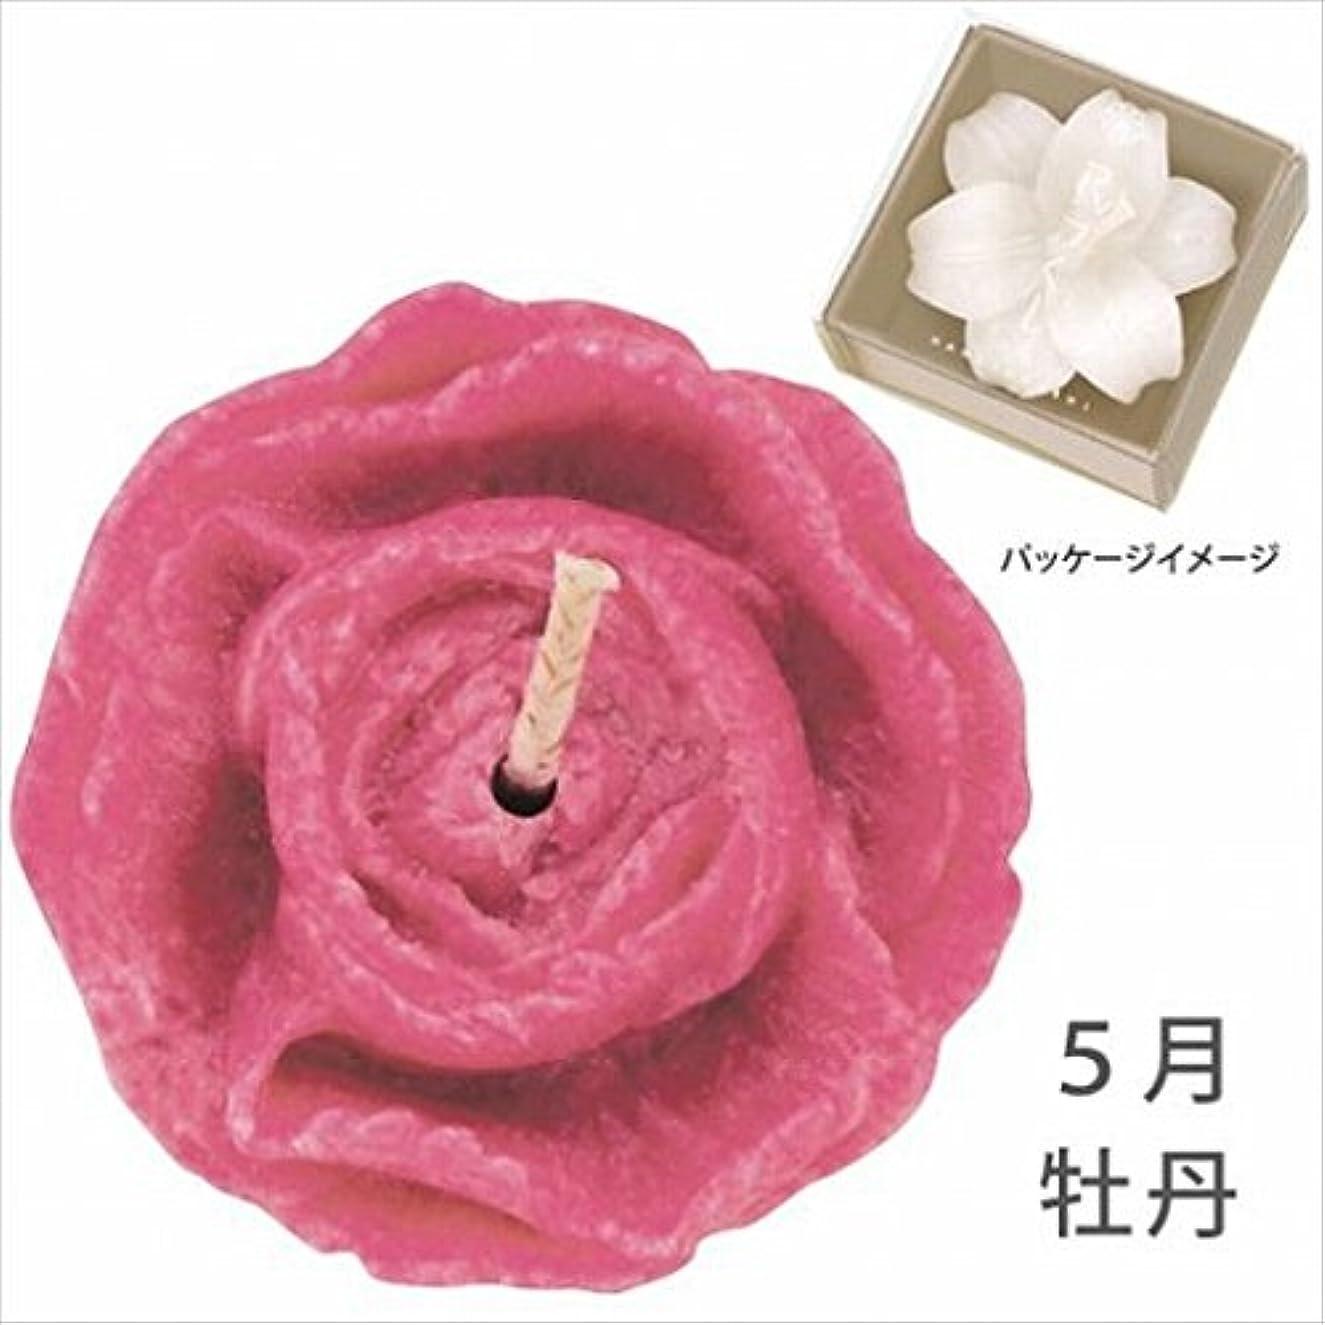 同級生彼女のヘビカメヤマキャンドル(kameyama candle) 花づくし(植物性) 牡丹 「 牡丹(5月) 」 キャンドル